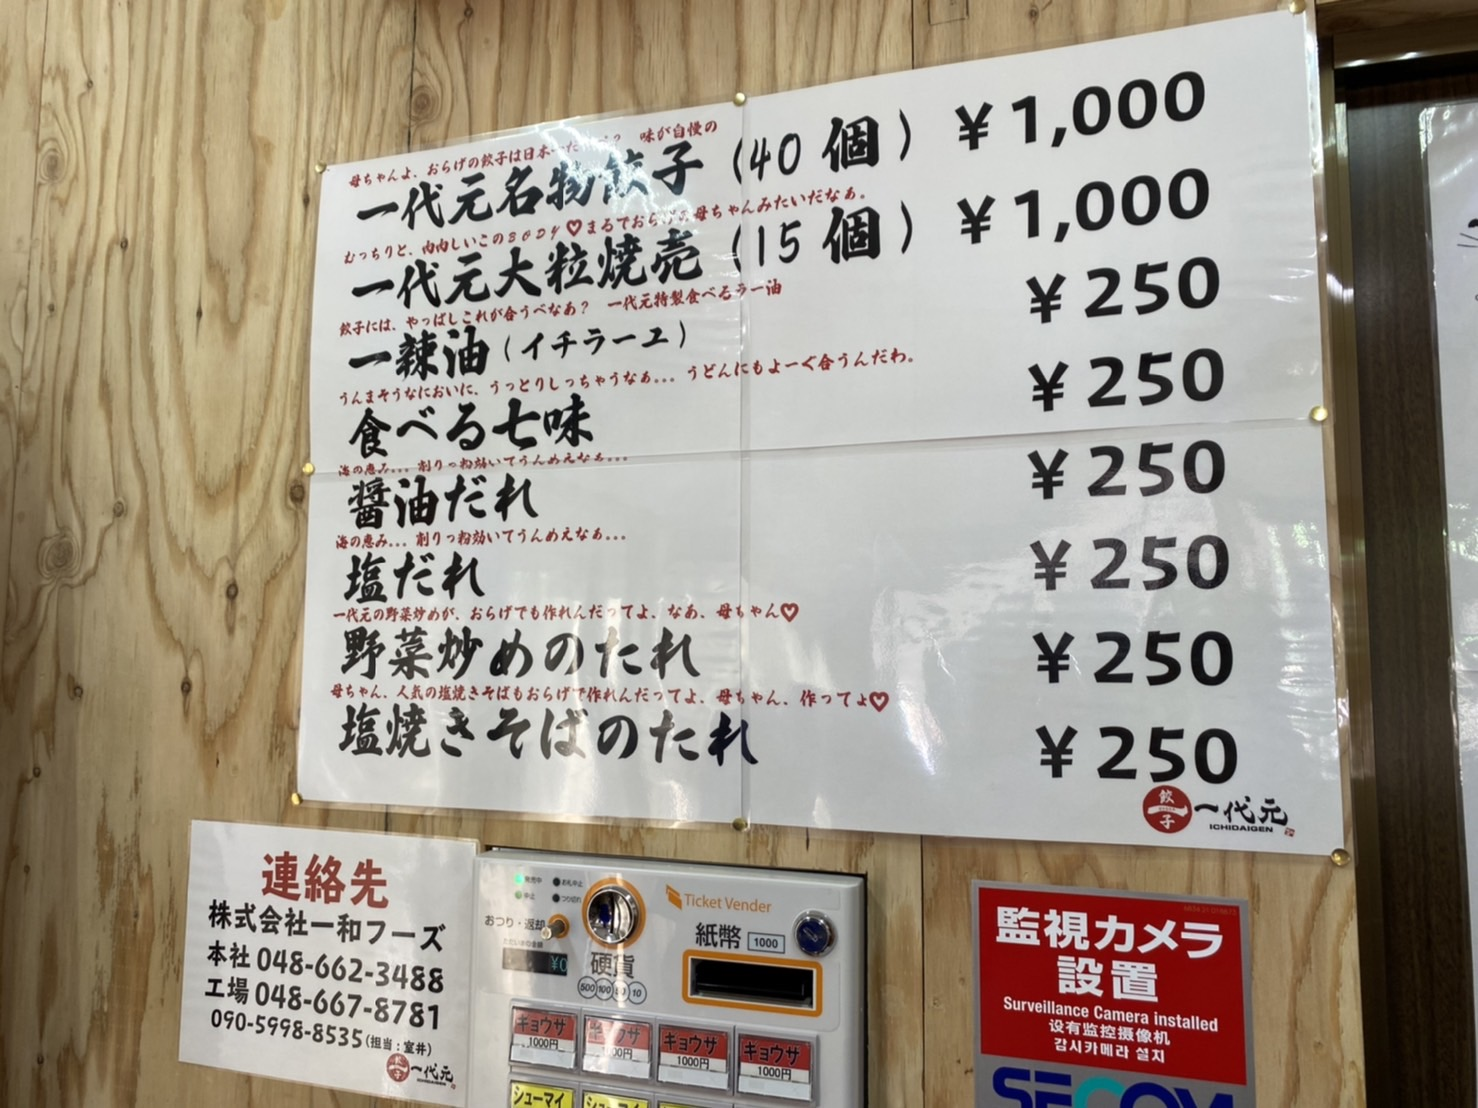 無人餃子直売所 一代元 日進店のメニュー